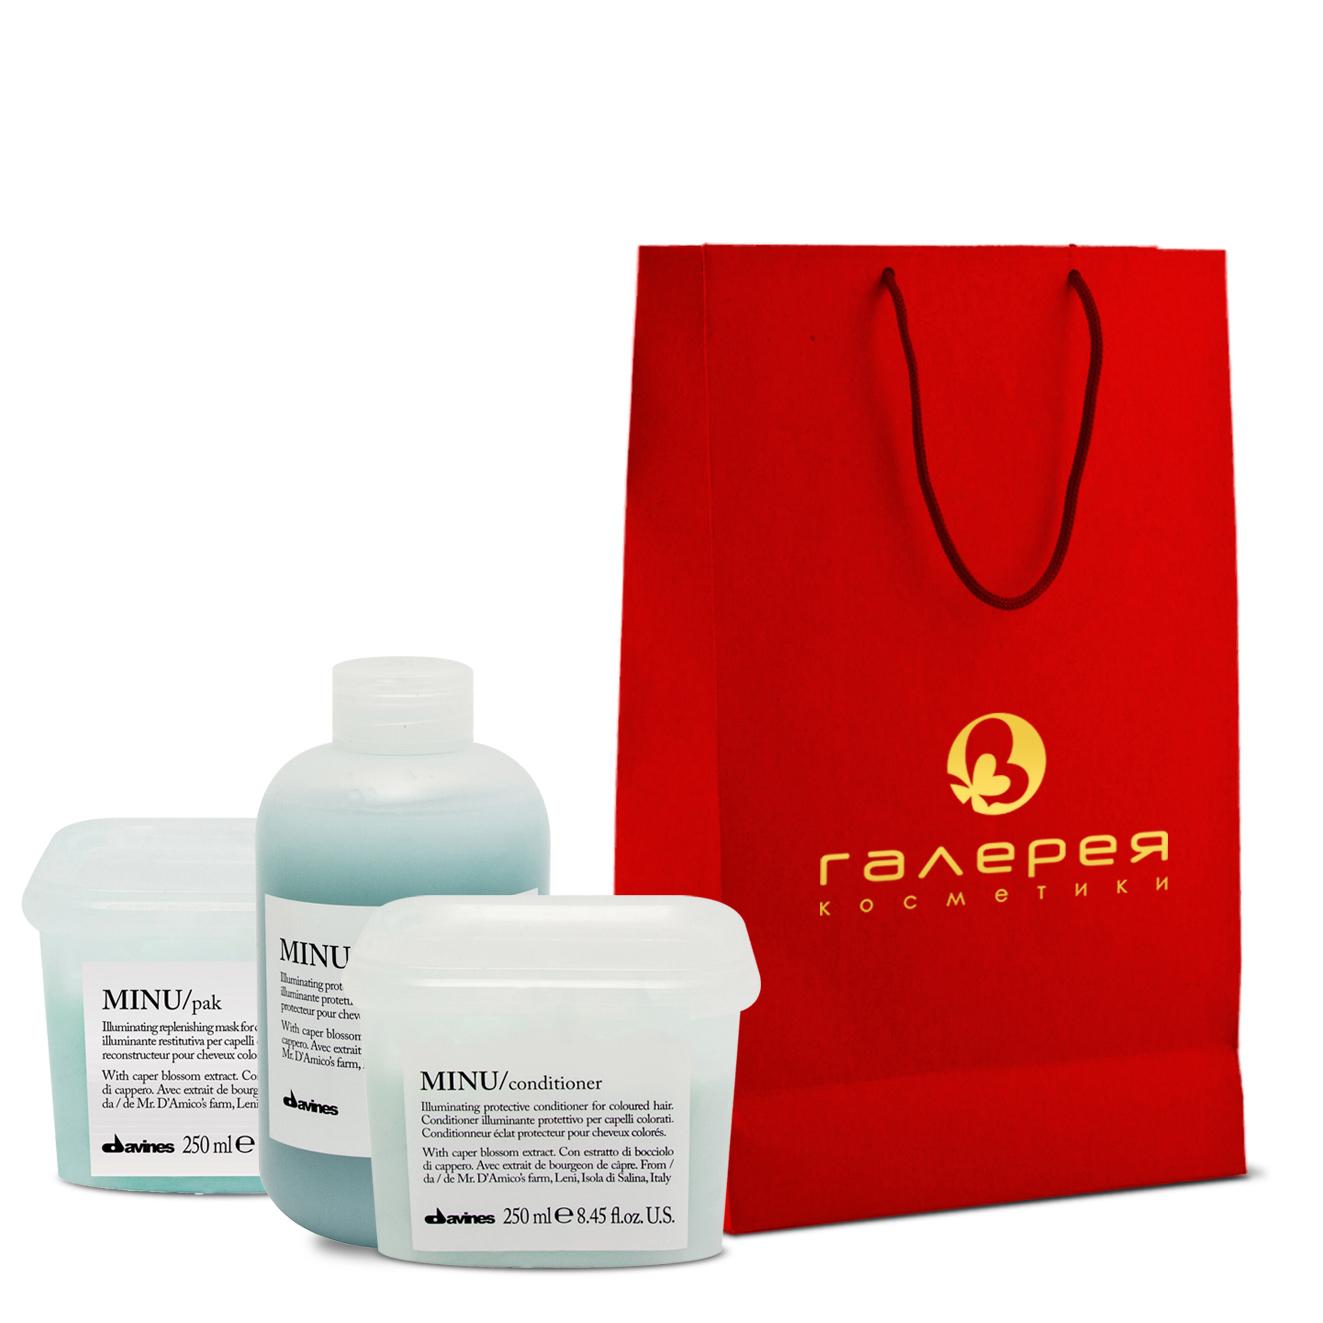 DAVINES SPA Набор Защита цвета / MINUНаборы<br>В набор входит: Шампунь защитный для сохранения цвета волос / MINU/shampoo 250мл Кондиционер защитный для сохранения цвета волос / MINU/conditioner 250мл Маска восстанавливающая для окрашенных волос / MINU/hair mask 250мл Средства, входящие в набор, поставляются без упаковки, изображенной на фото.<br>